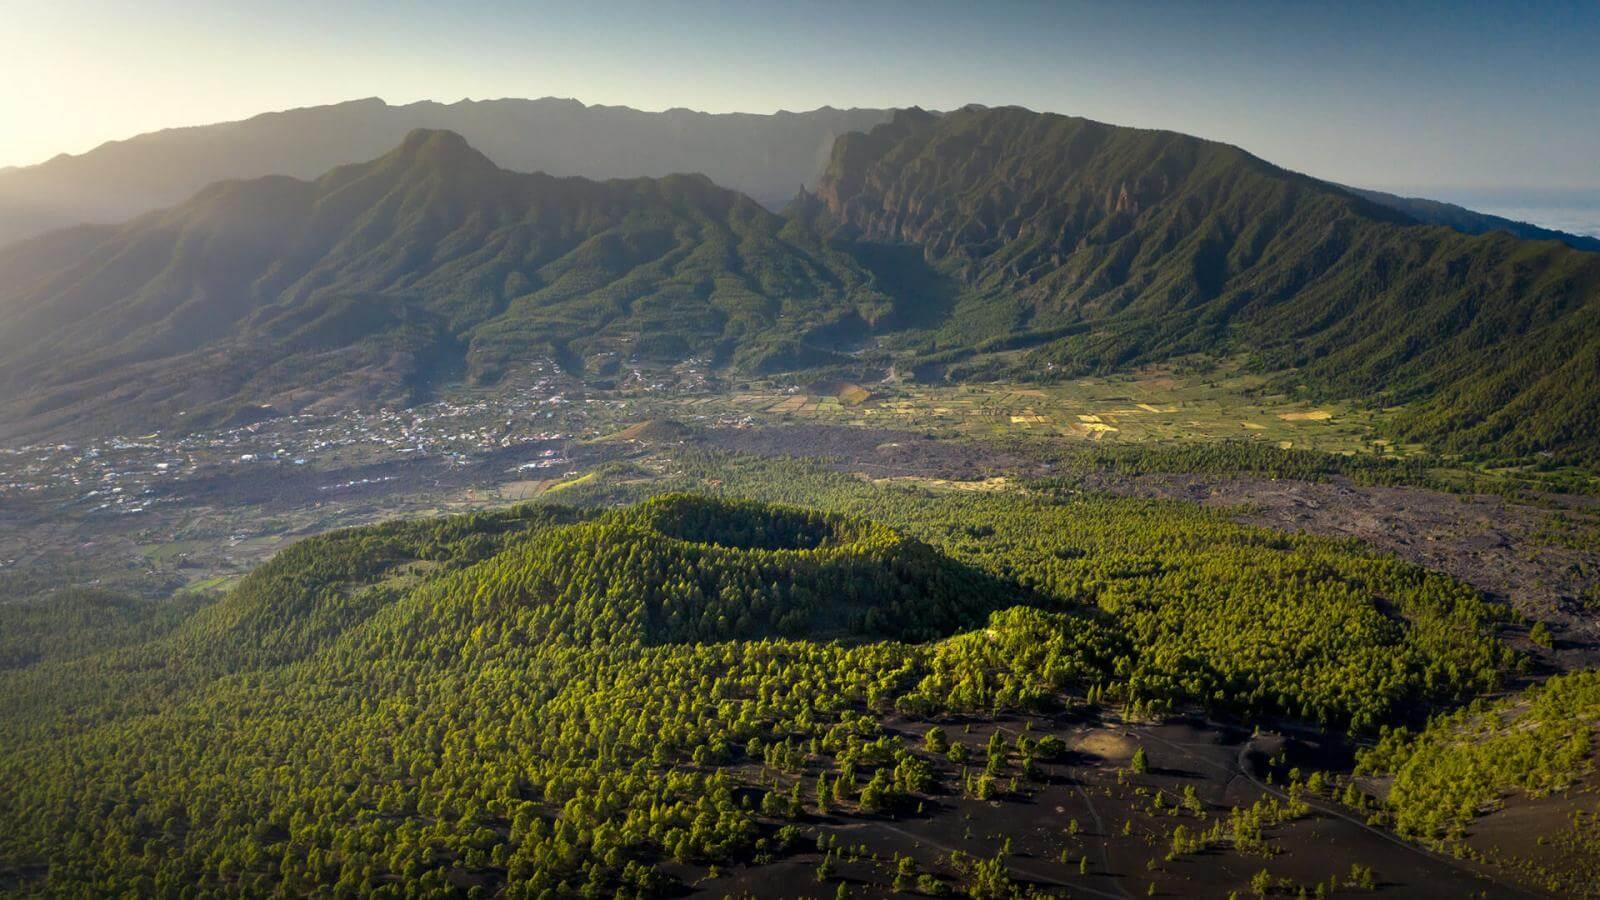 Parque Nacional Caldera de Taburiente | Hola Islas Canarias